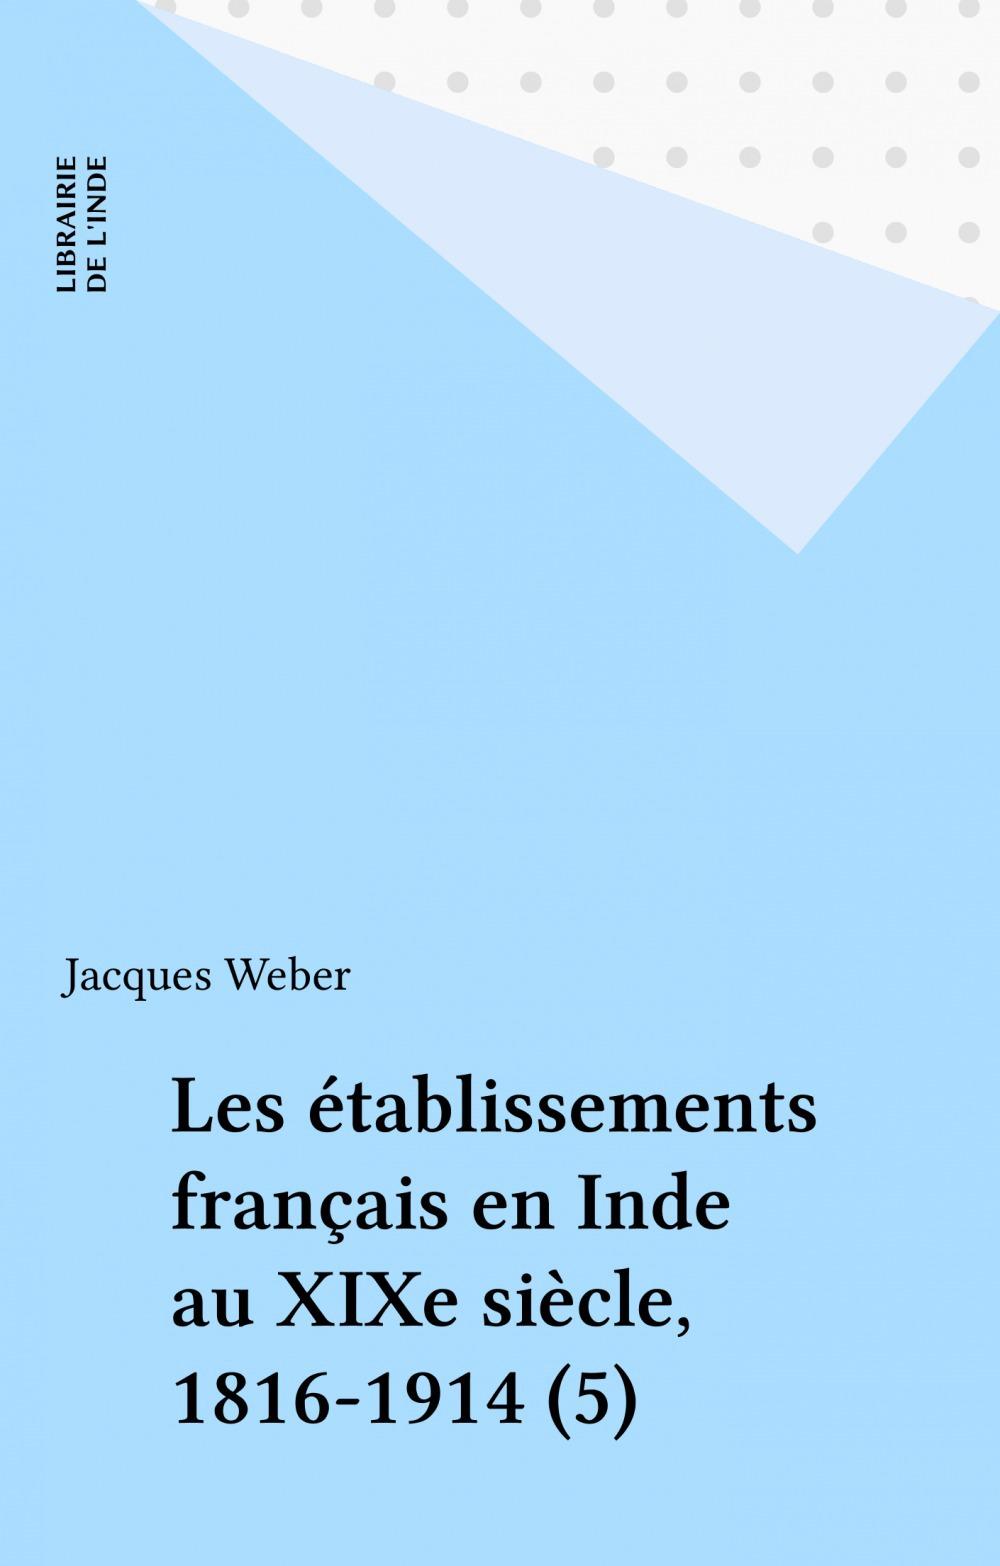 Les établissements français en Inde au XIXe siècle, 1816-1914 (5)